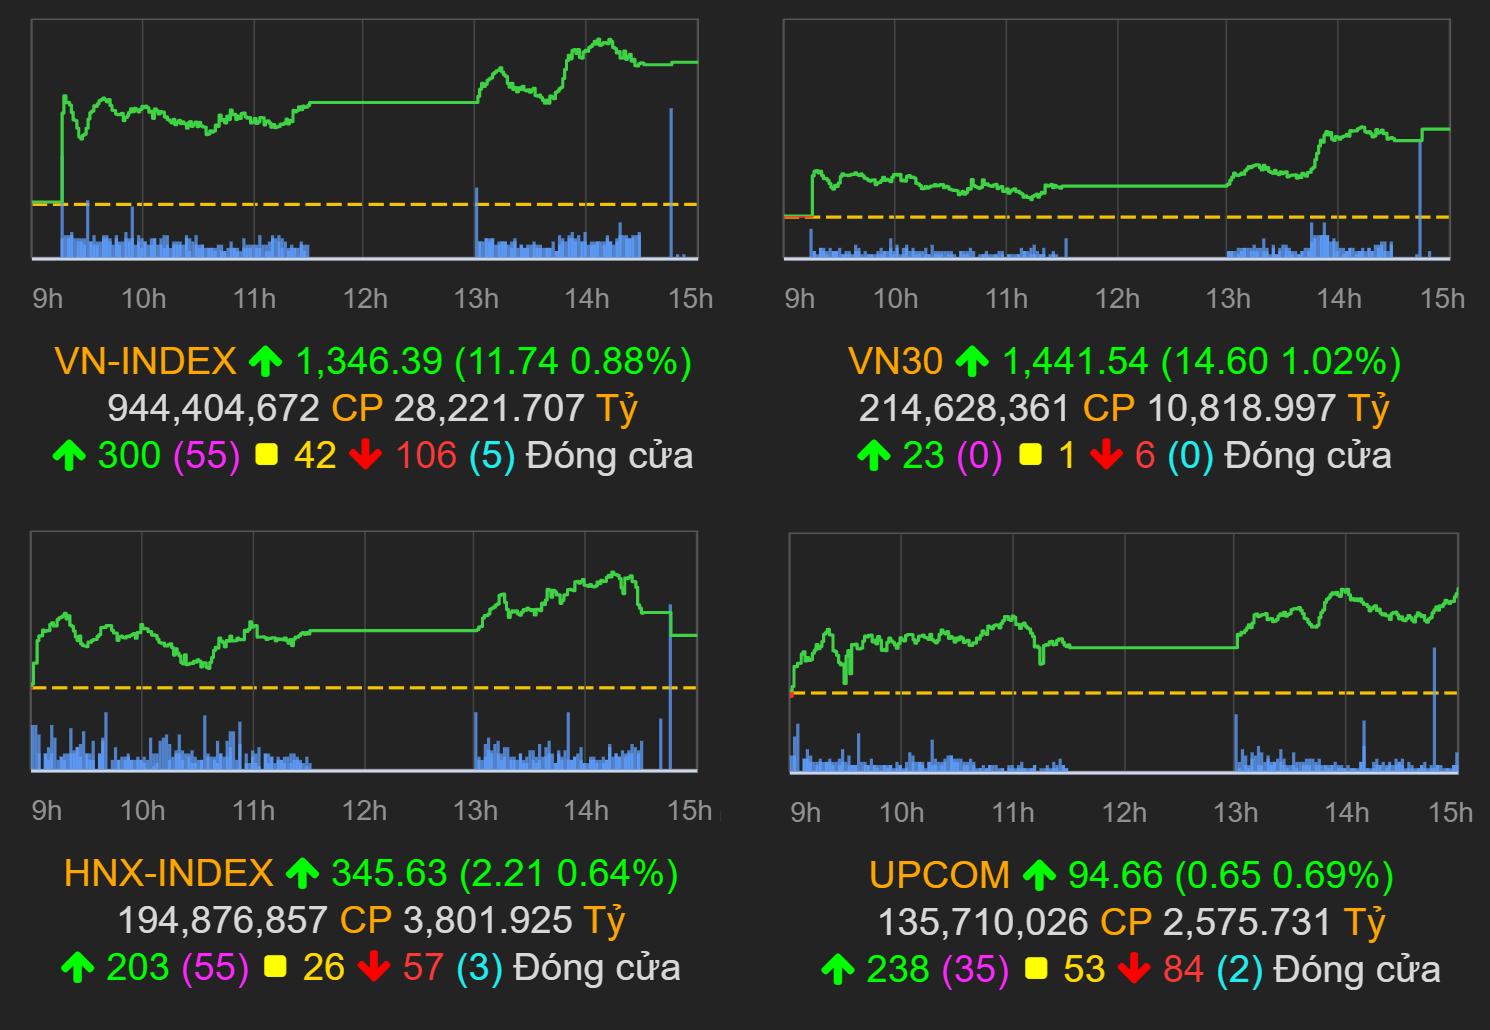 Thị trường chứng khoán (6/9): VN-Index tăng gần 12 điểm với thanh khoản tăng mạnh - Ảnh 1.